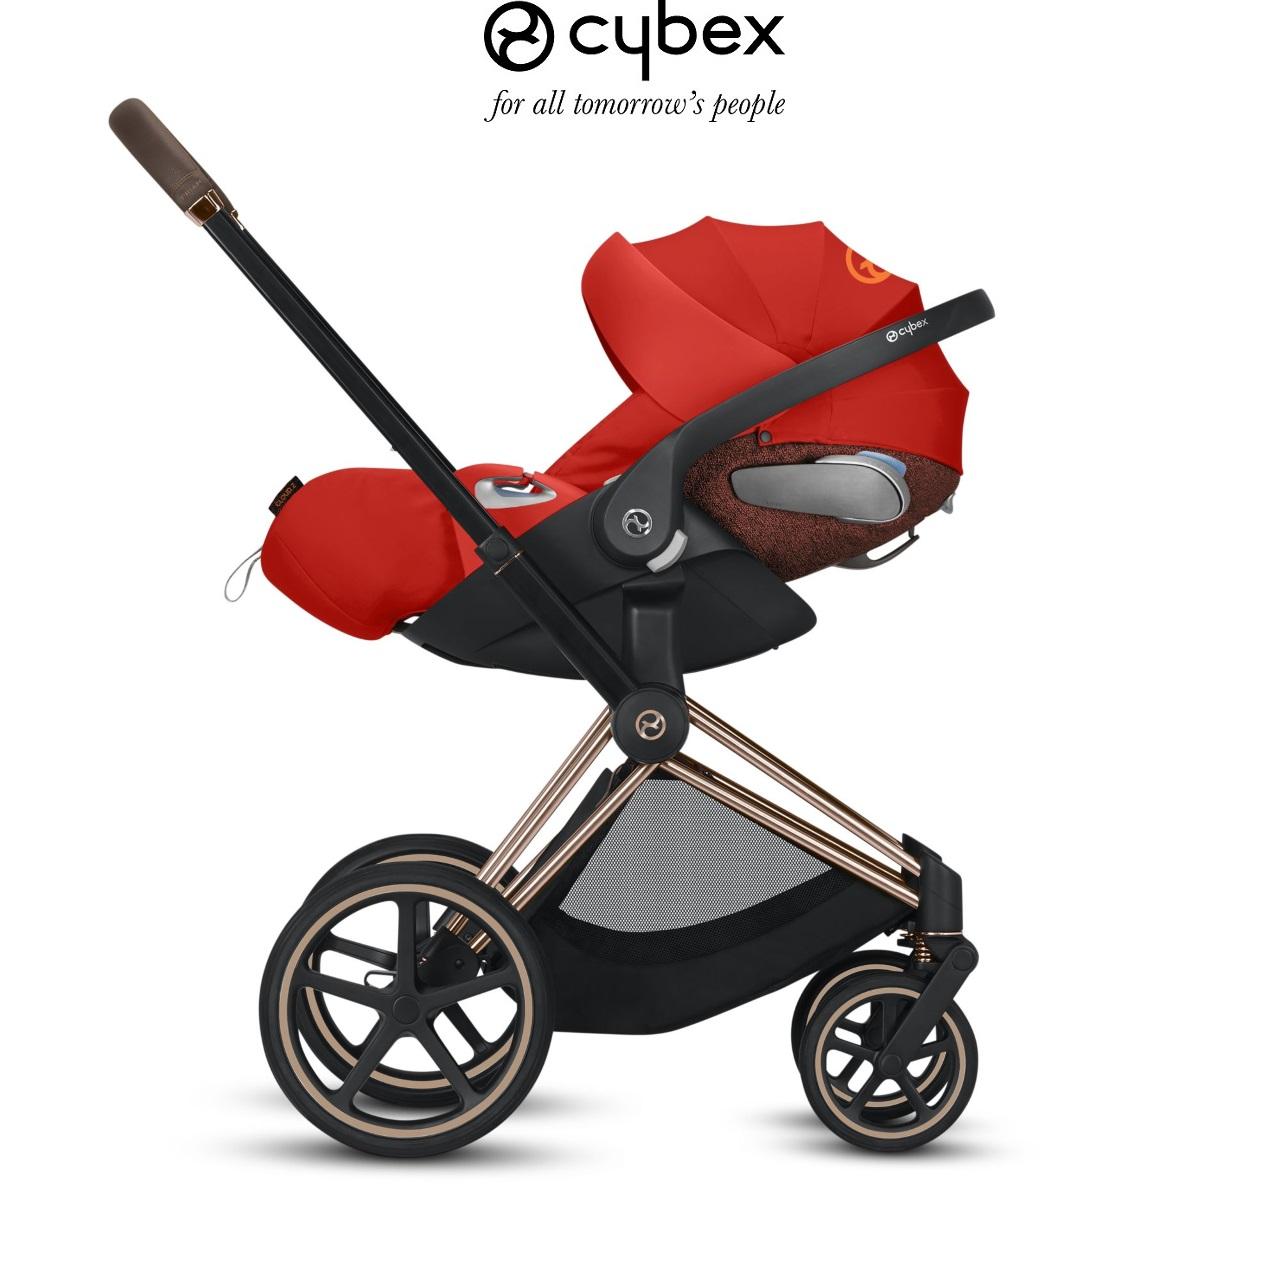 Παιδική ασφάλεια   Με ποια κριτήρια επιλέγουμε το κατάλληλο παιδικό κάθισμα αυτοκινήτου